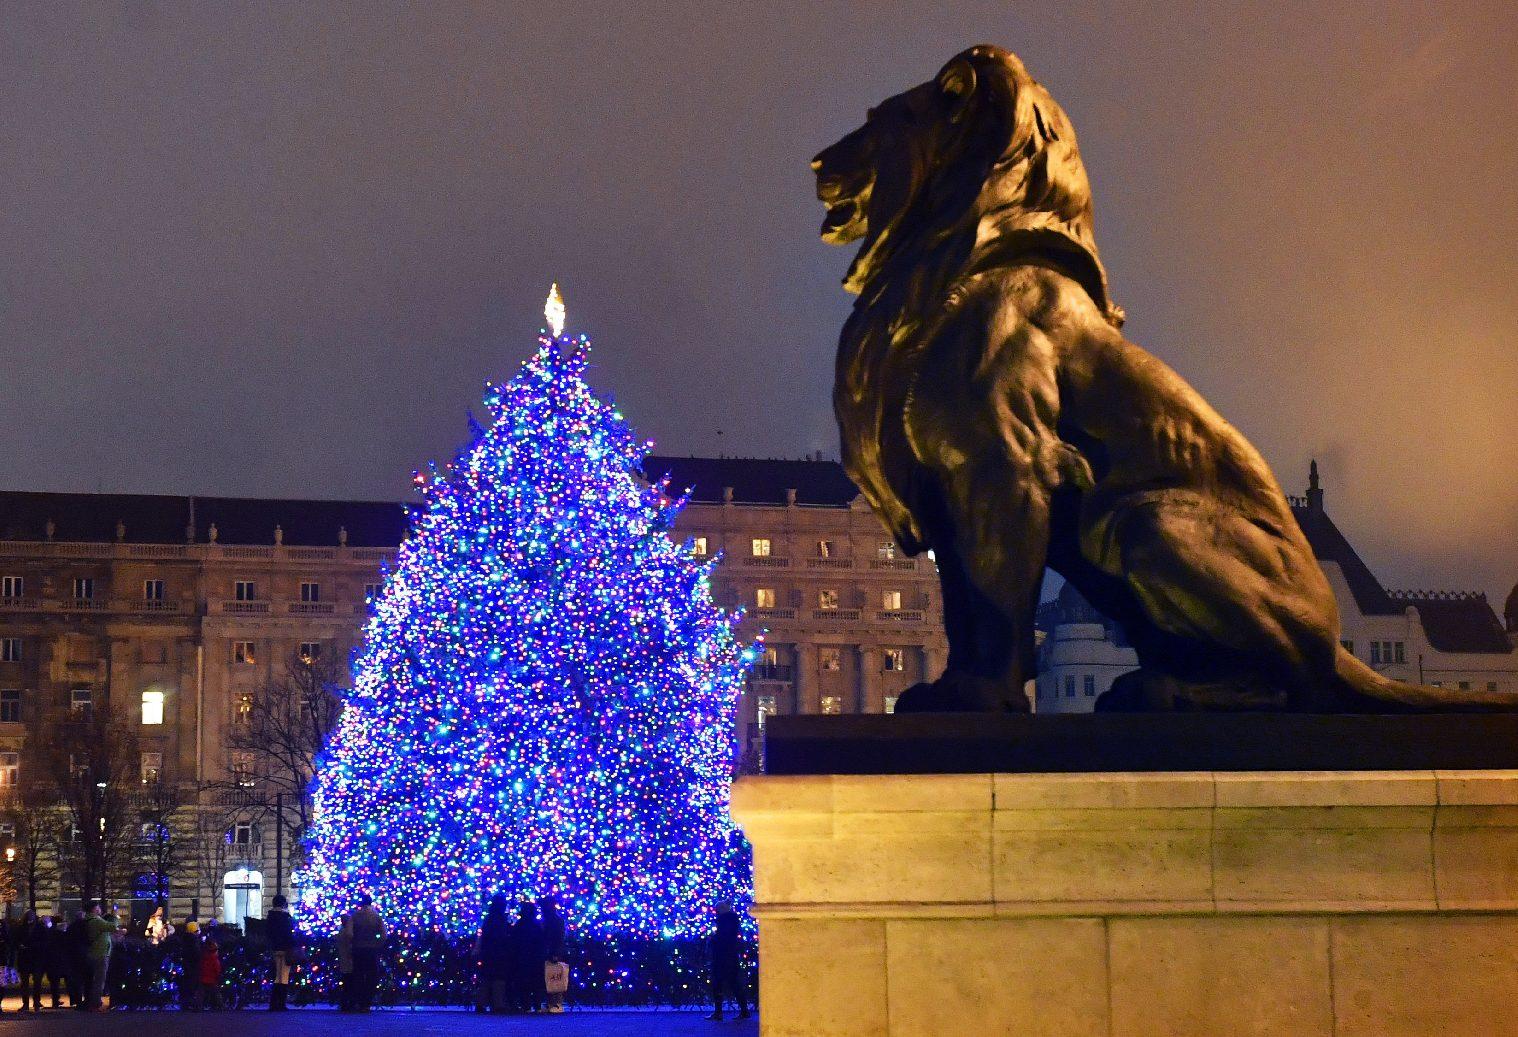 Az ország karácsonyfája díszkivilágításban a budapesti Kossuth téren 2020. november 28-án. MTI/Máthé Zoltán